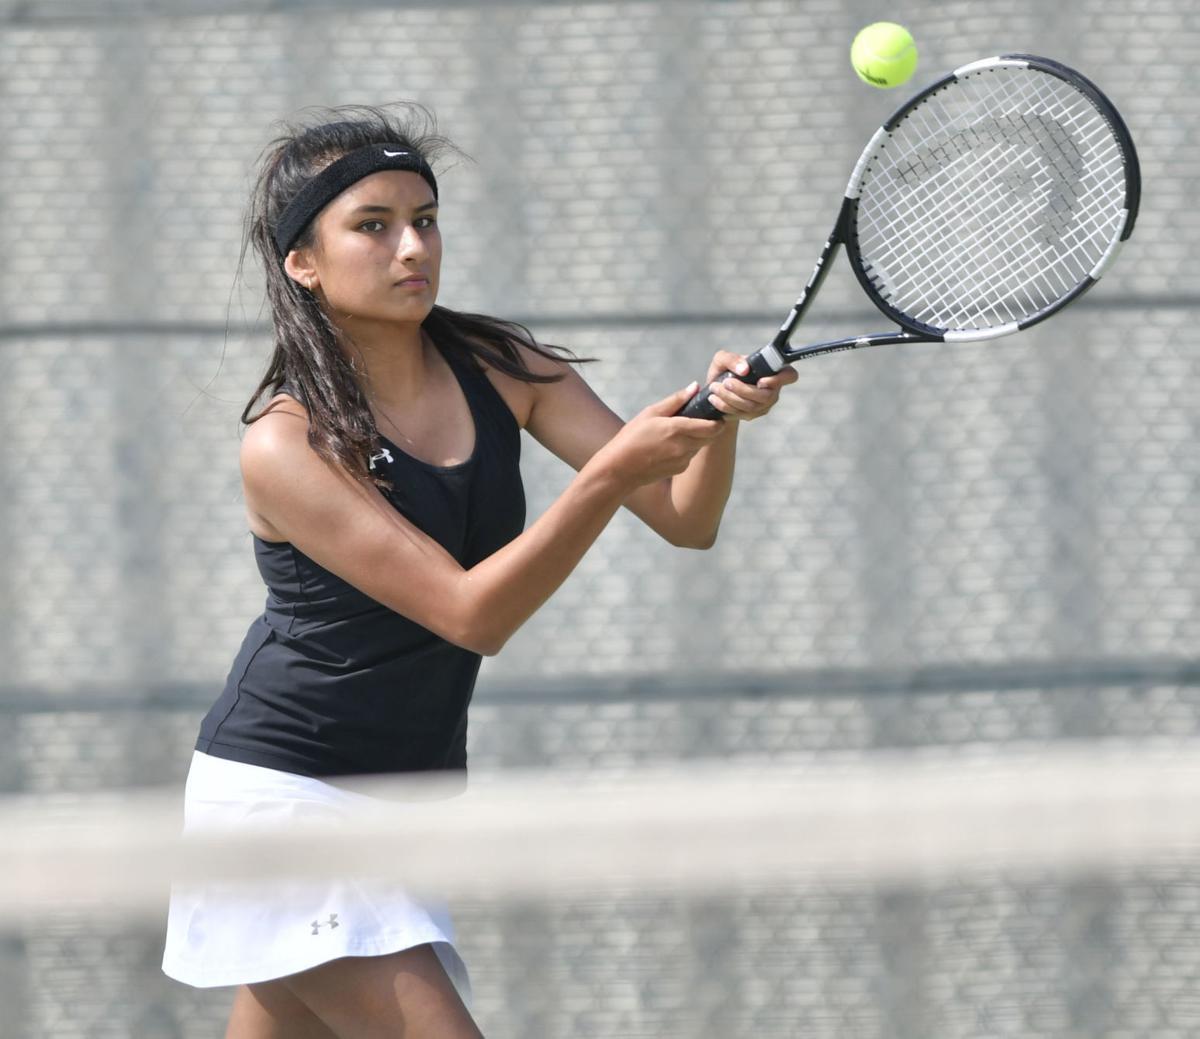 083018 Lompoc PV tennis 05.jpg